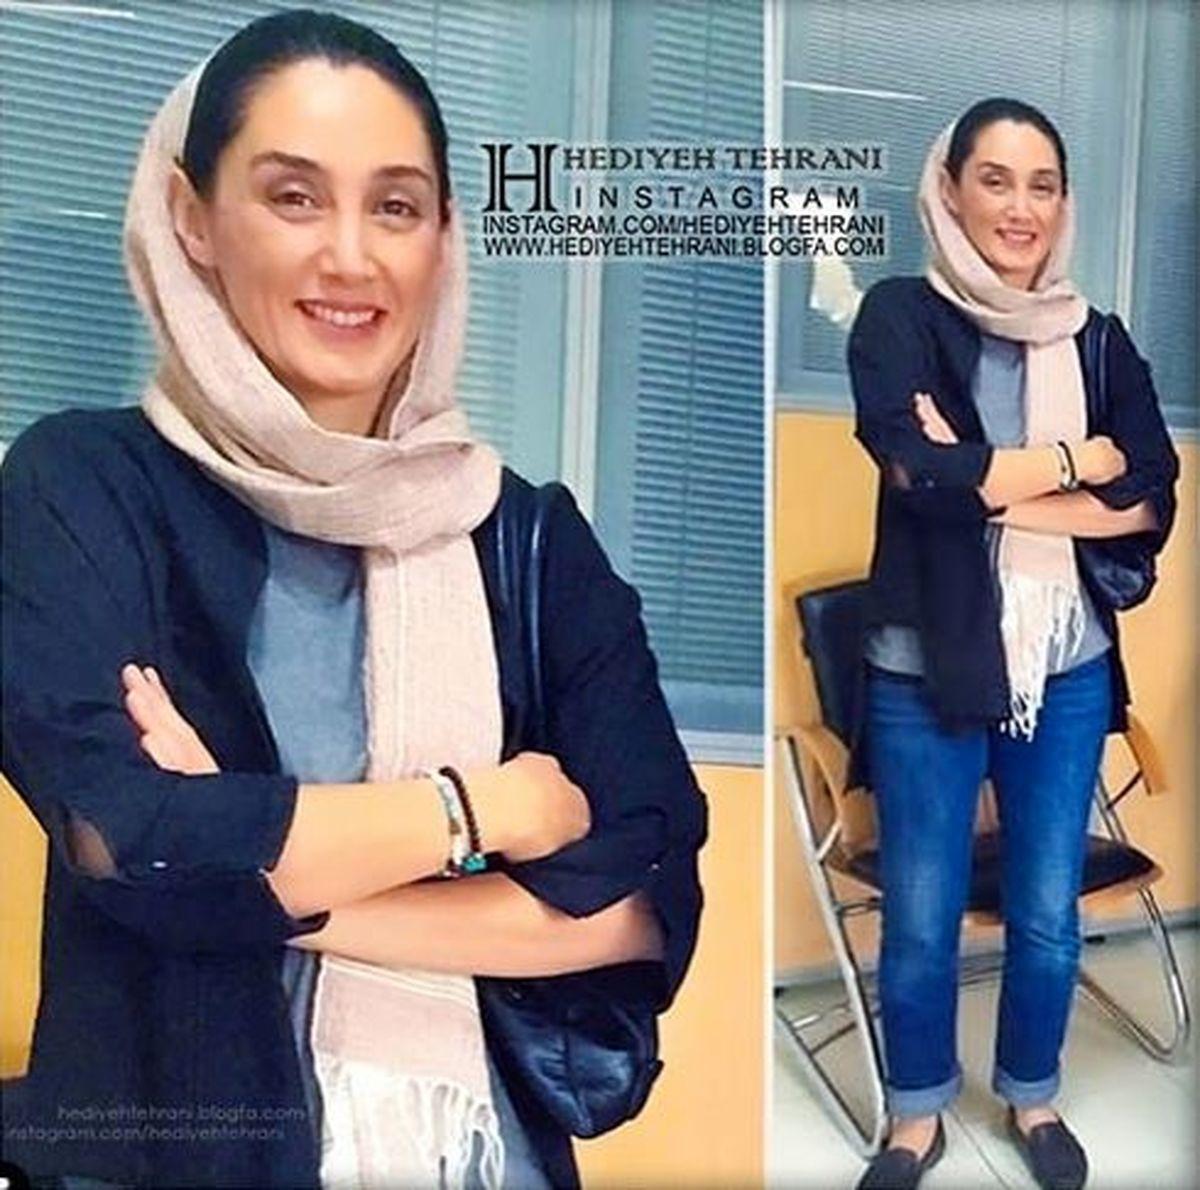 لباس برهنه هدیه تهرانی!+عکس